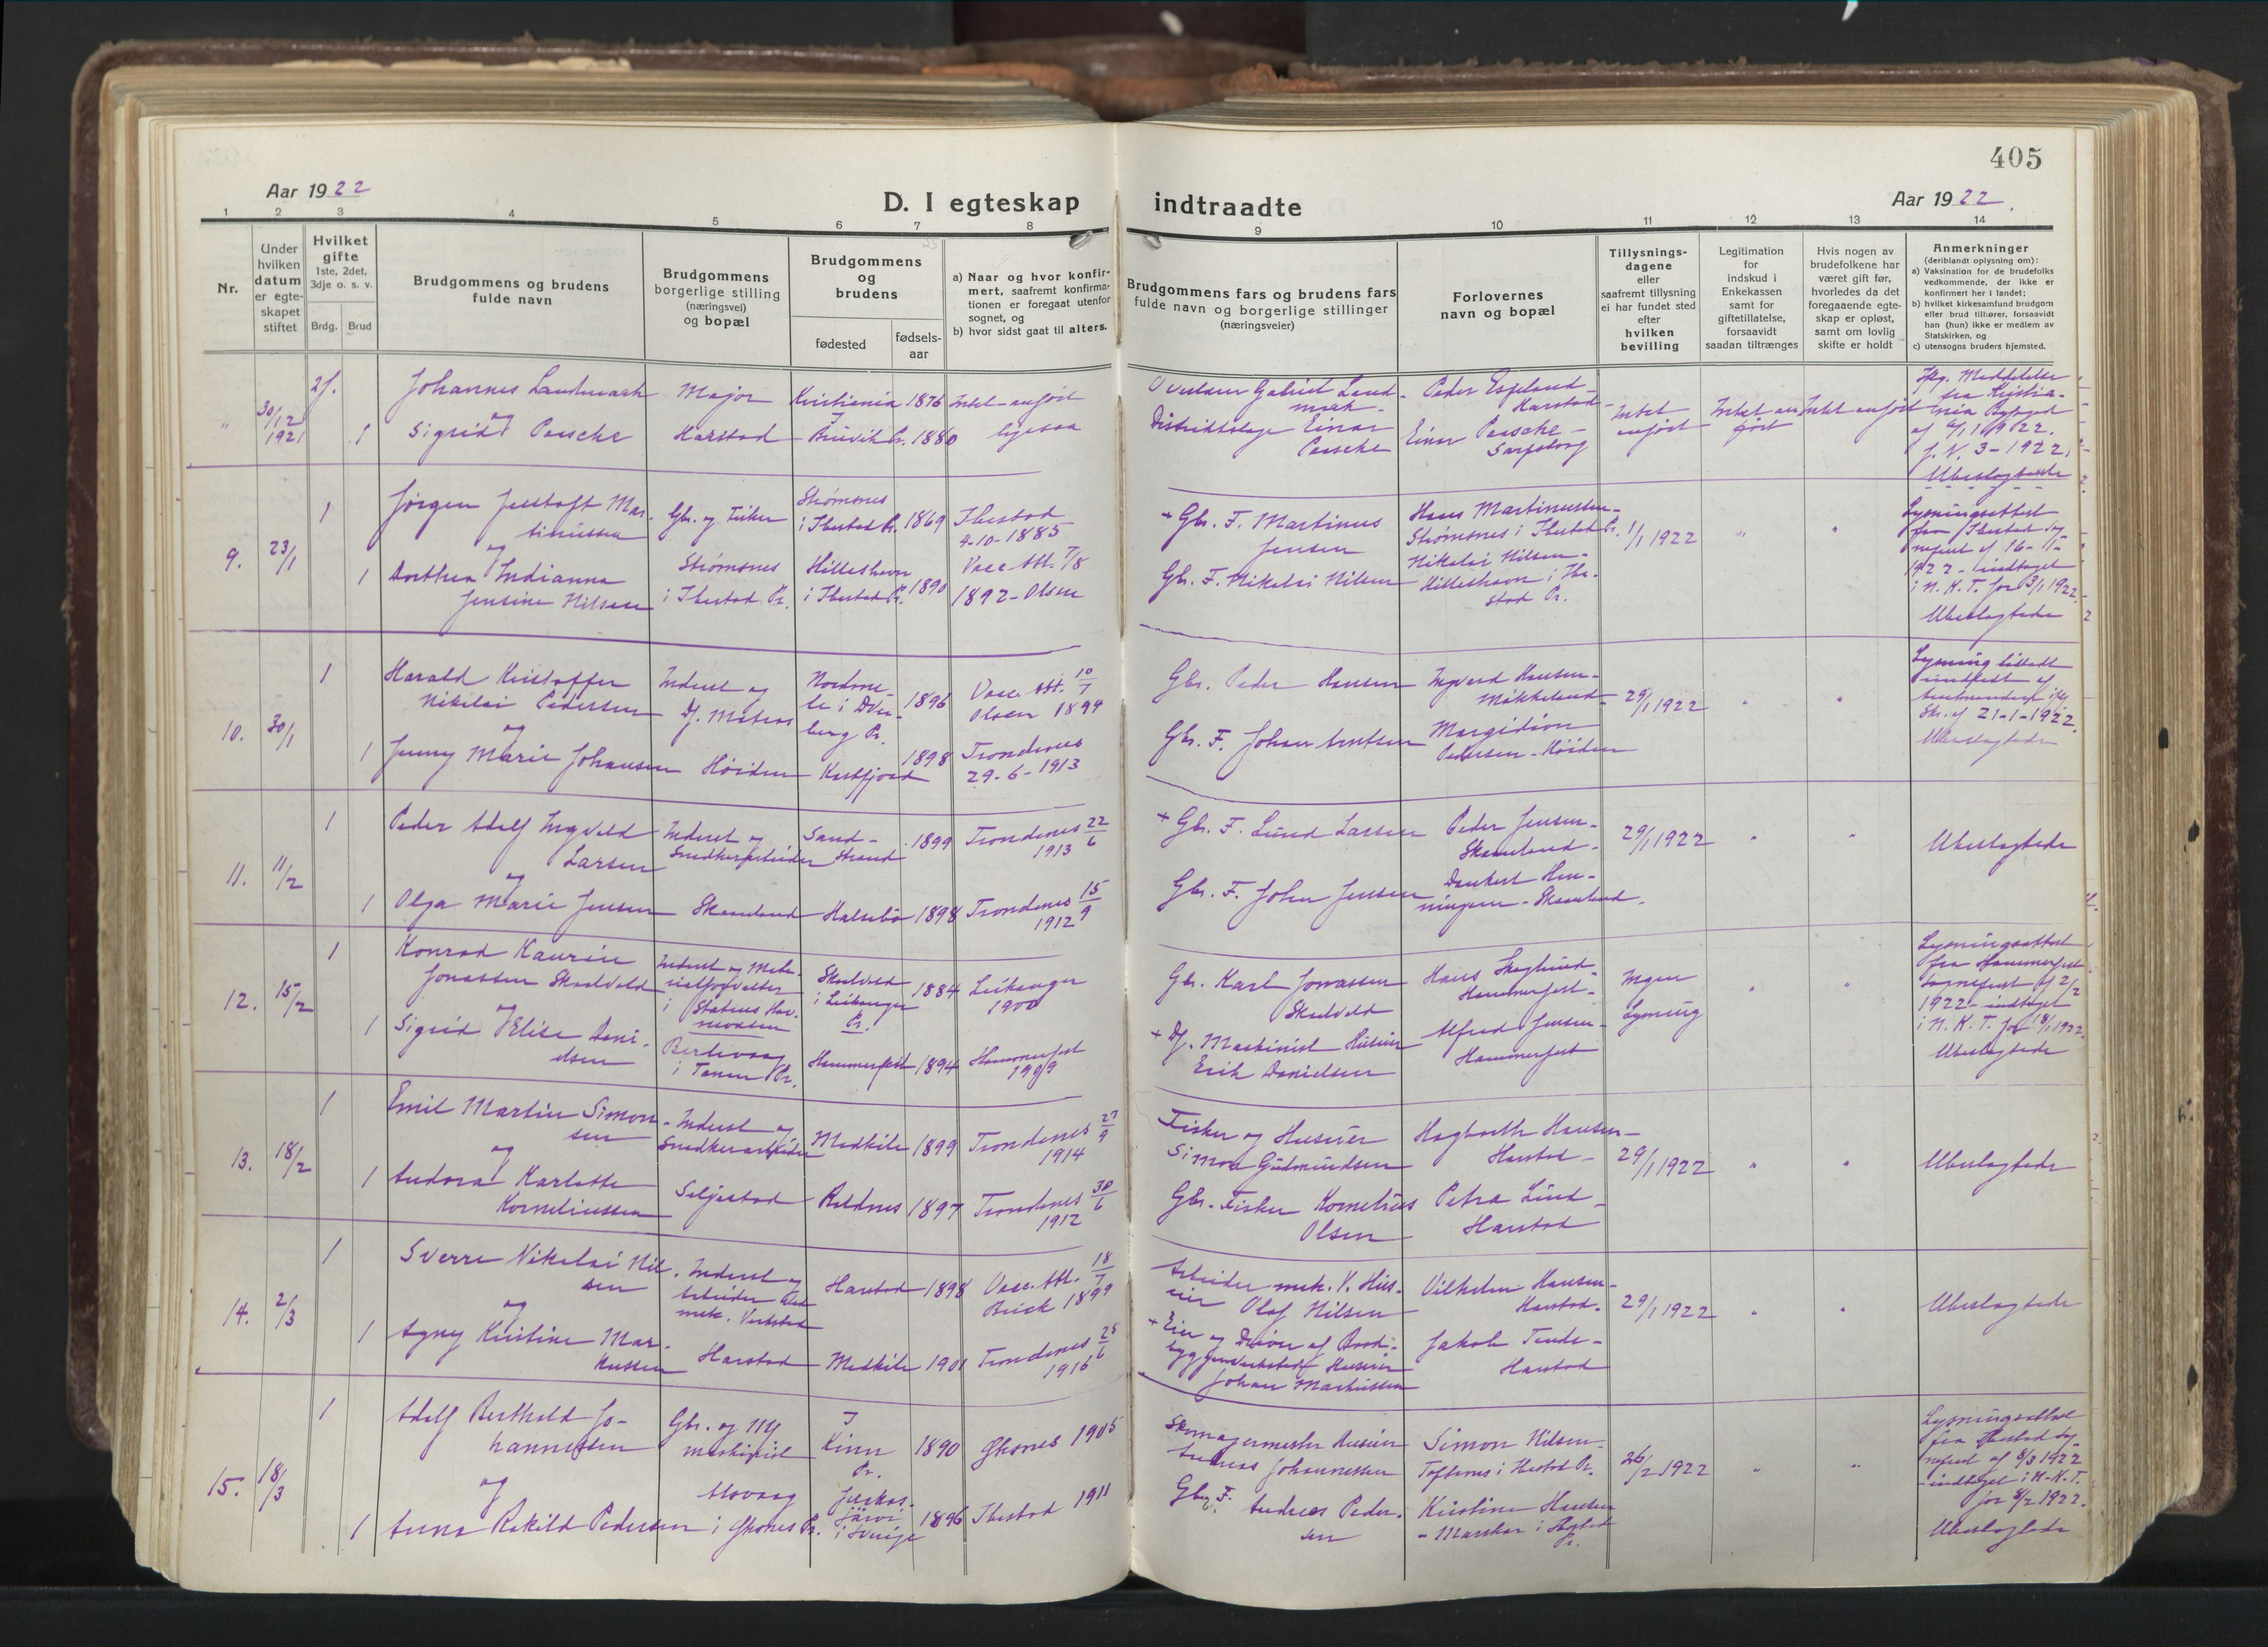 SATØ, Trondenes sokneprestkontor, H/Ha/L0019kirke: Ministerialbok nr. 19, 1919-1928, s. 405